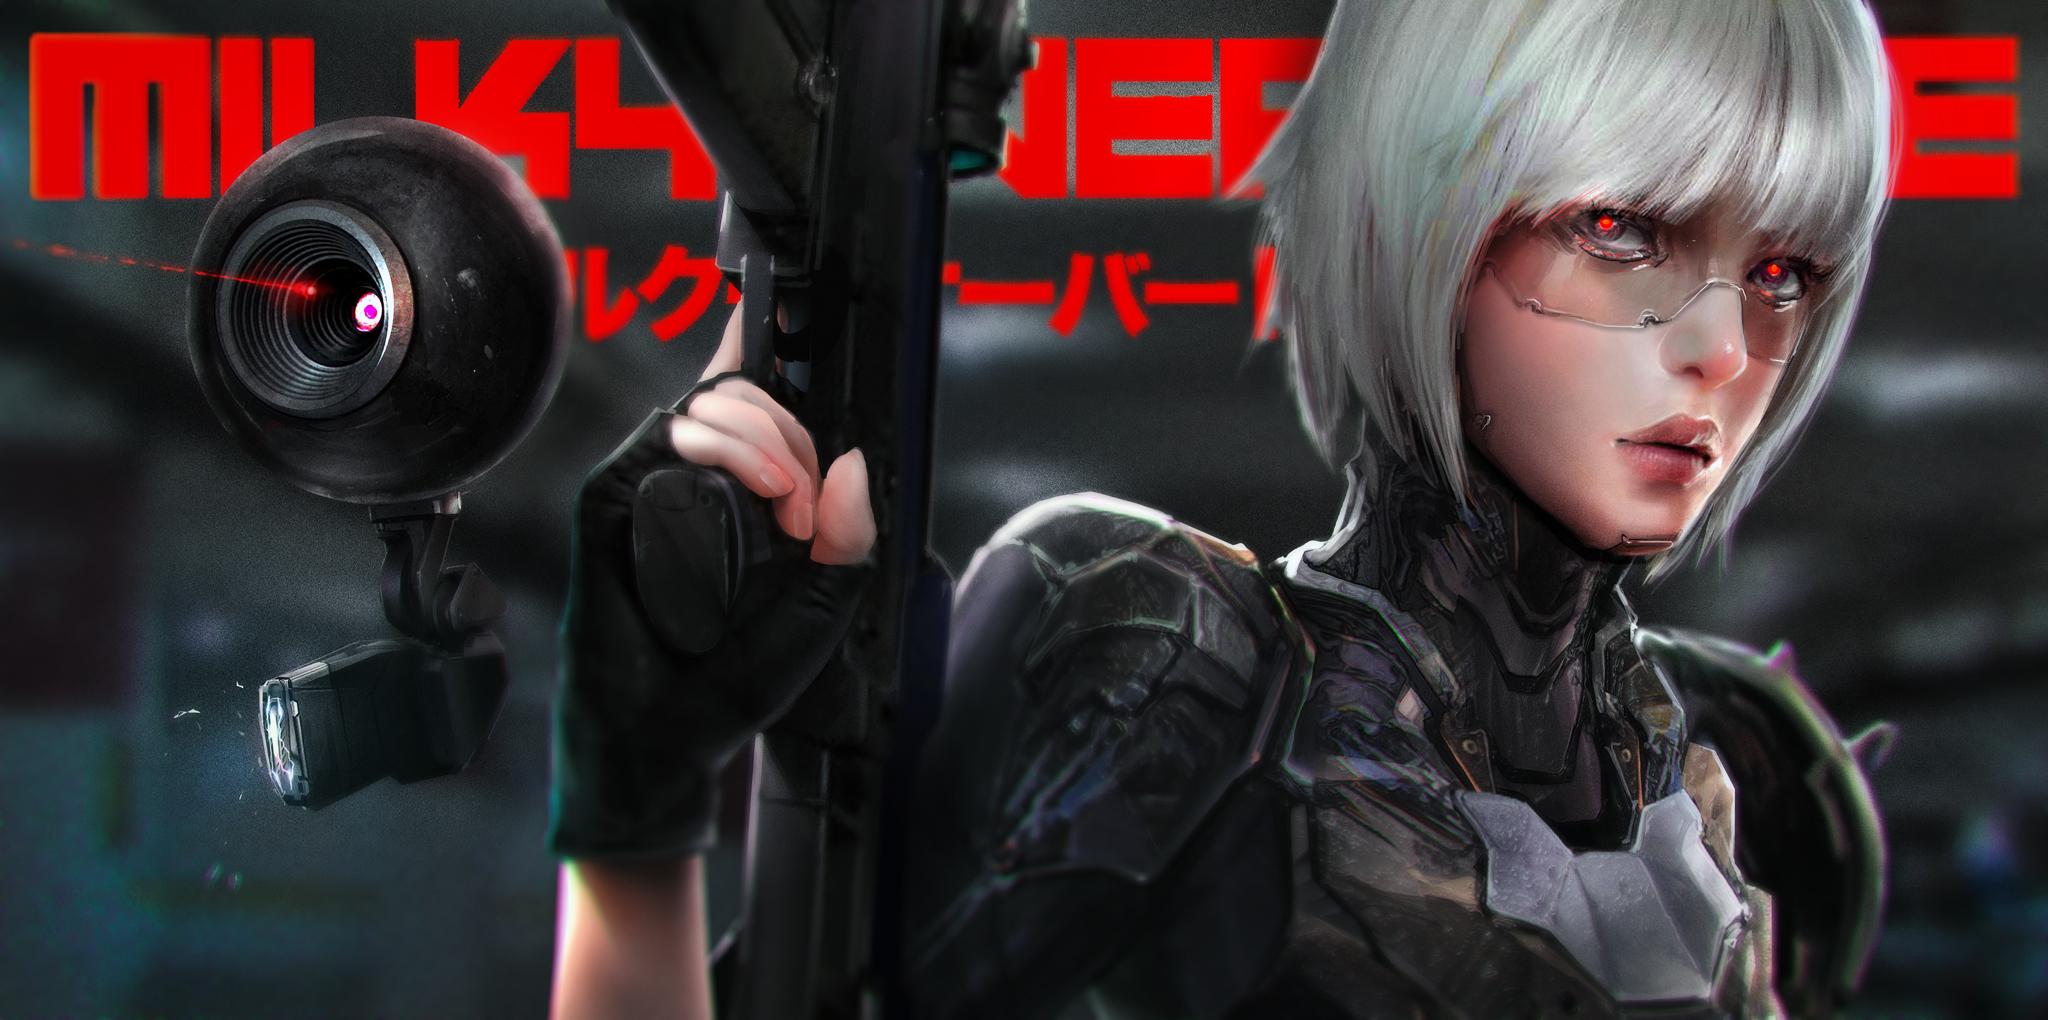 Milky_assassin.jpg